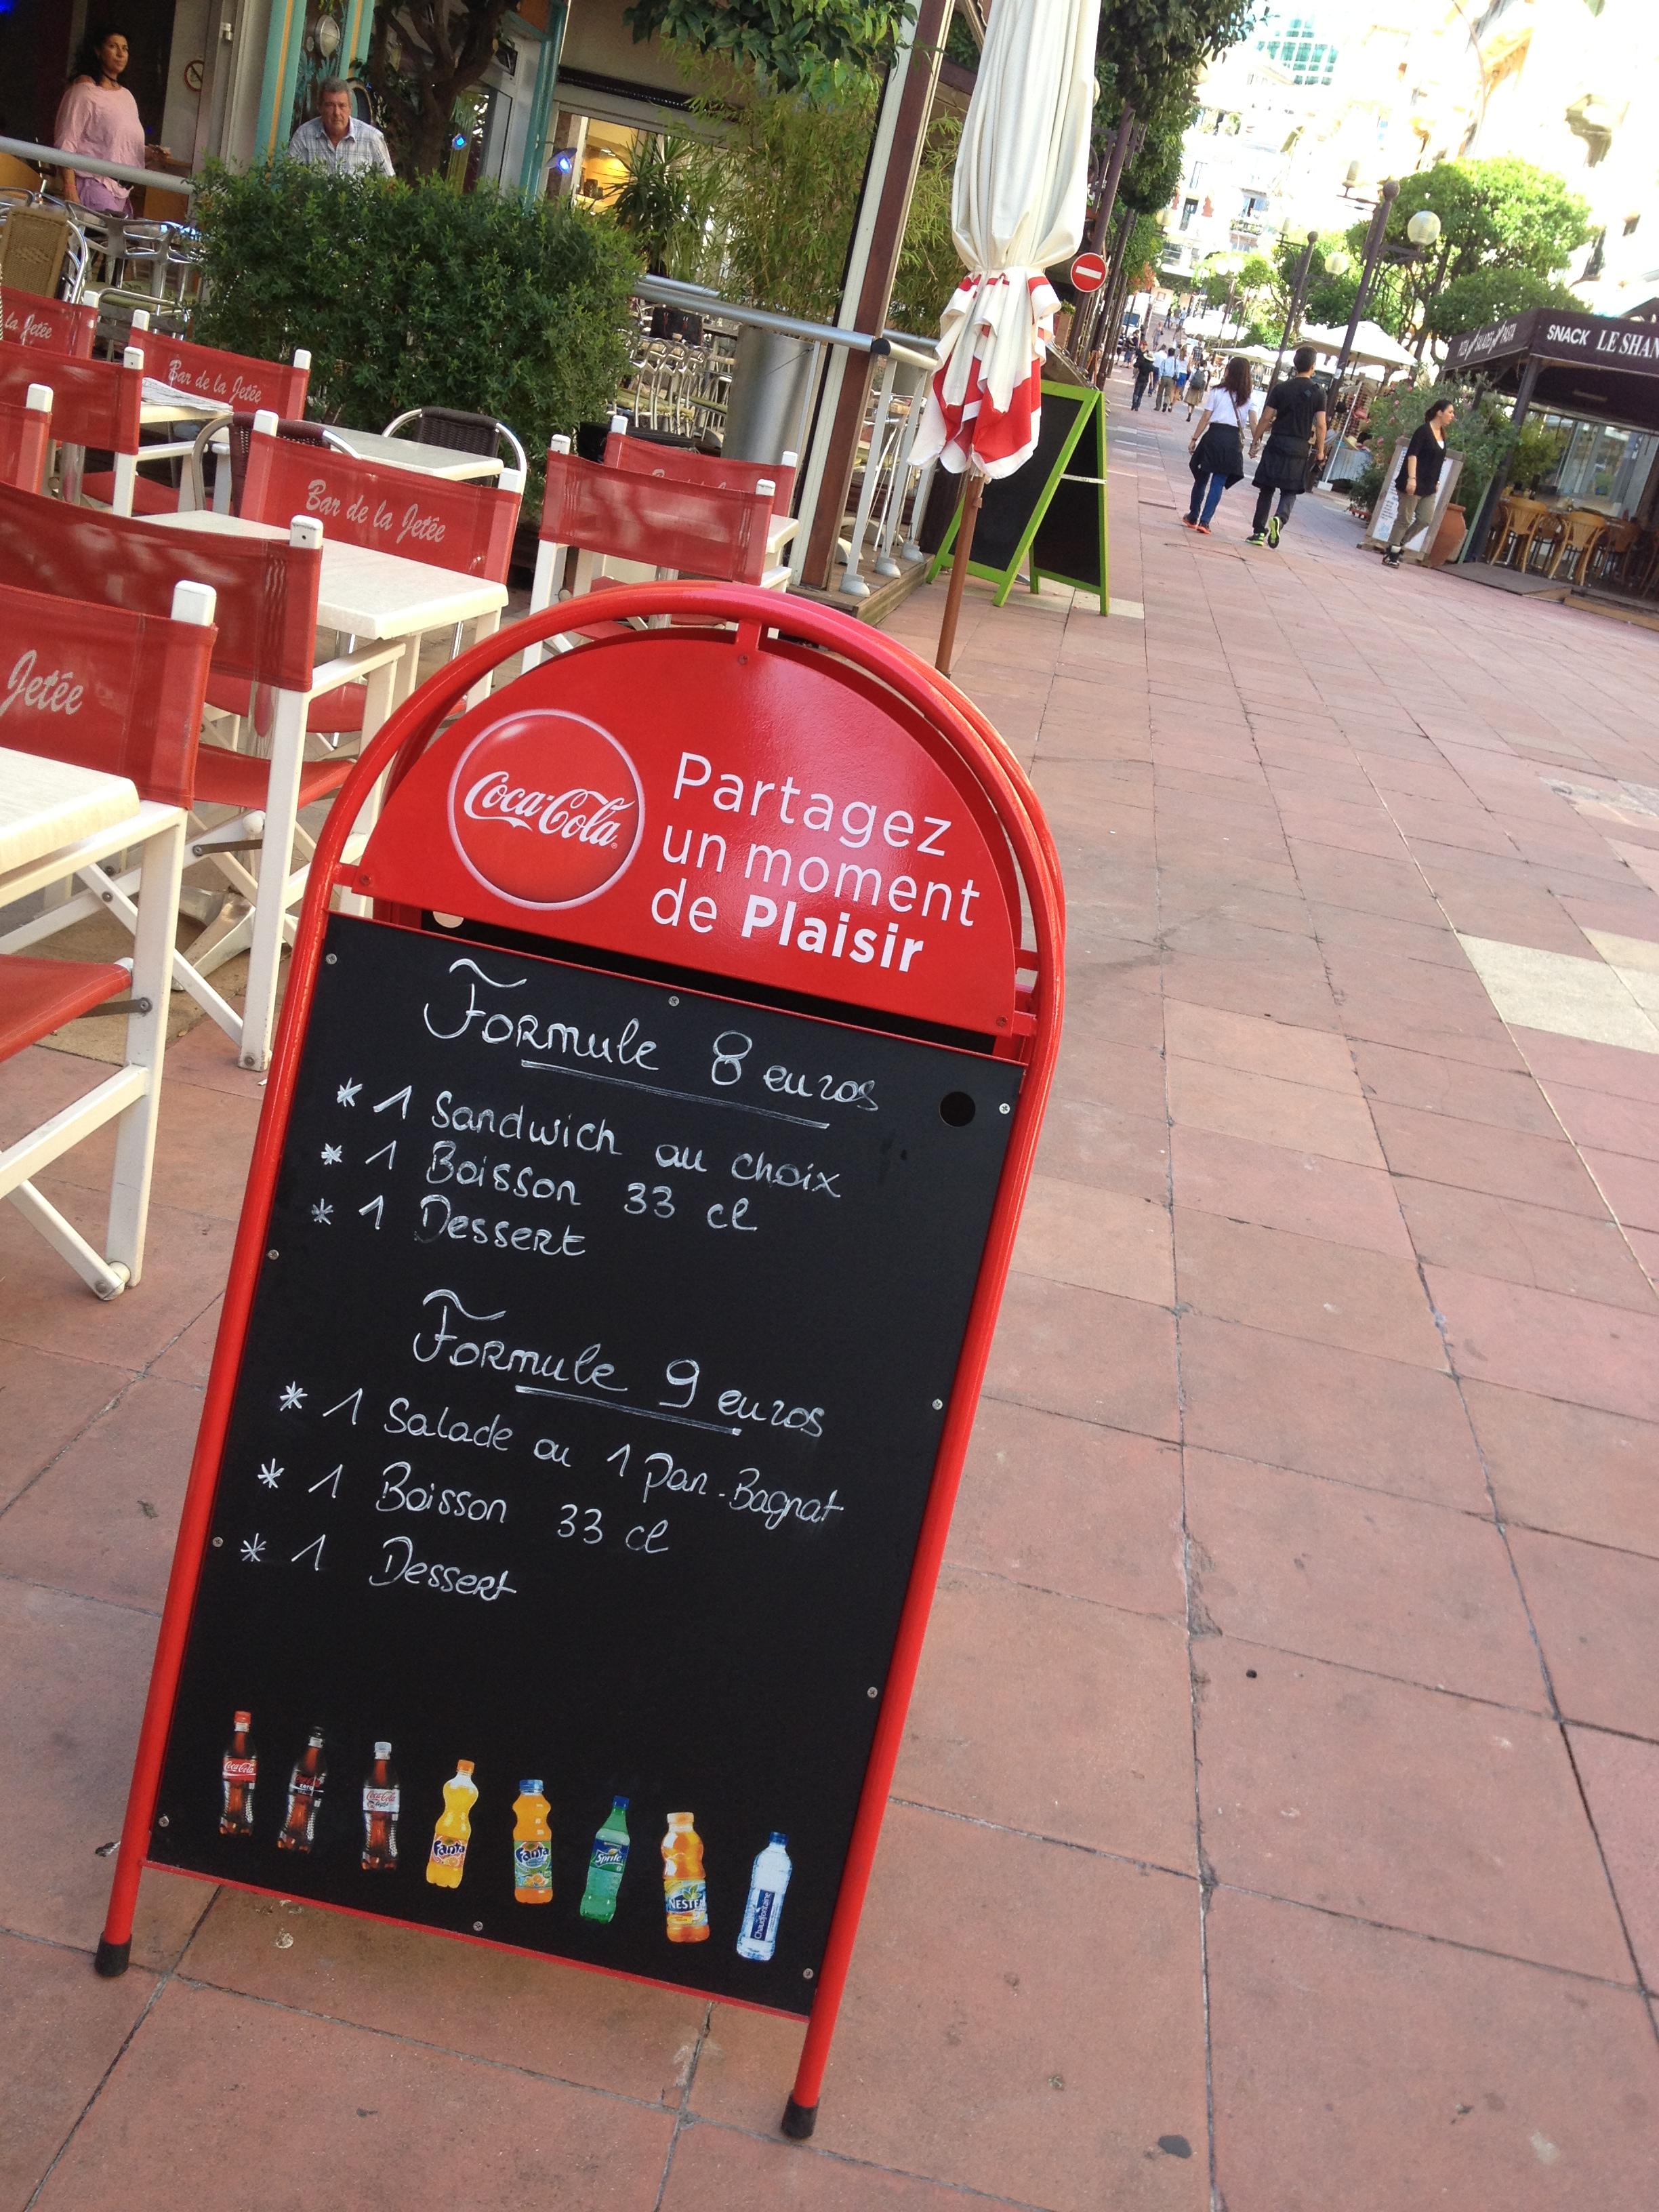 Pizarras de restaurantes y bares del mundo